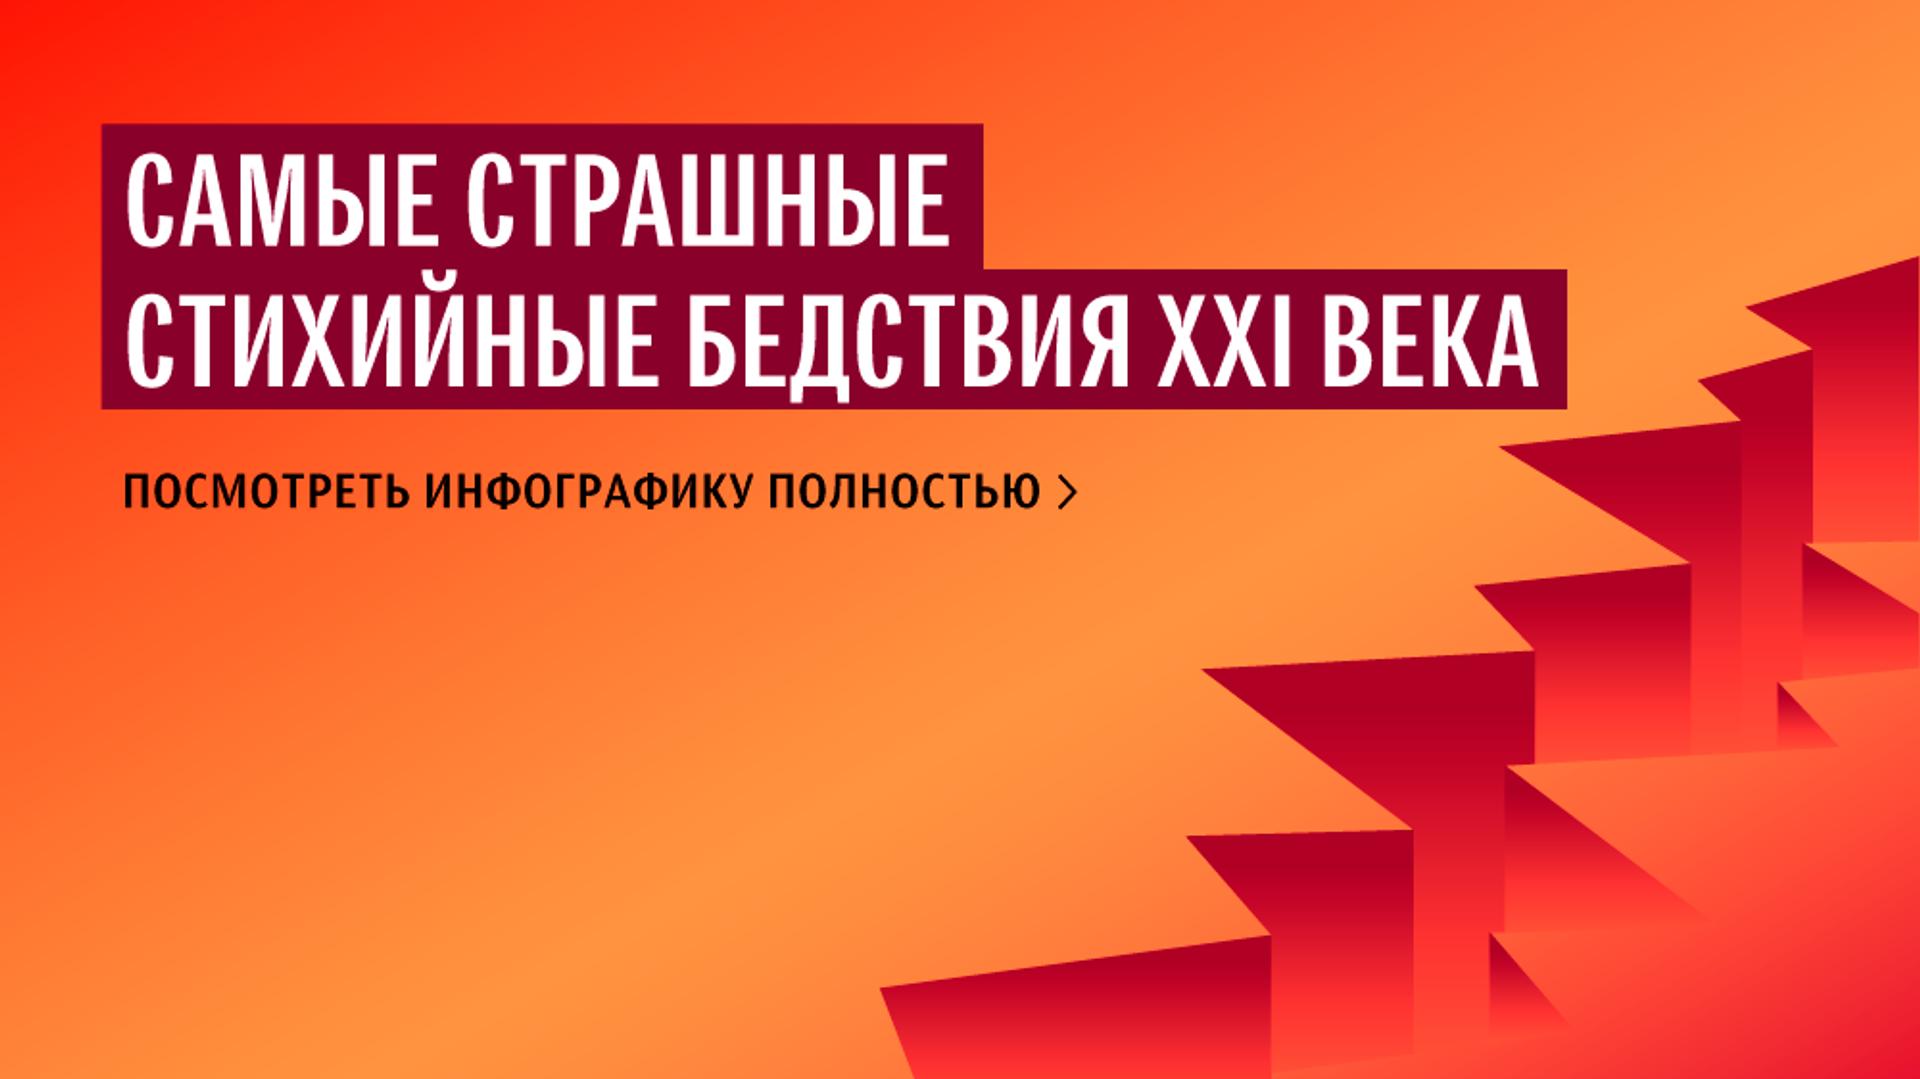 Самые страшные стихийные бедствия XXI века - РИА Новости, 1920, 26.12.2017